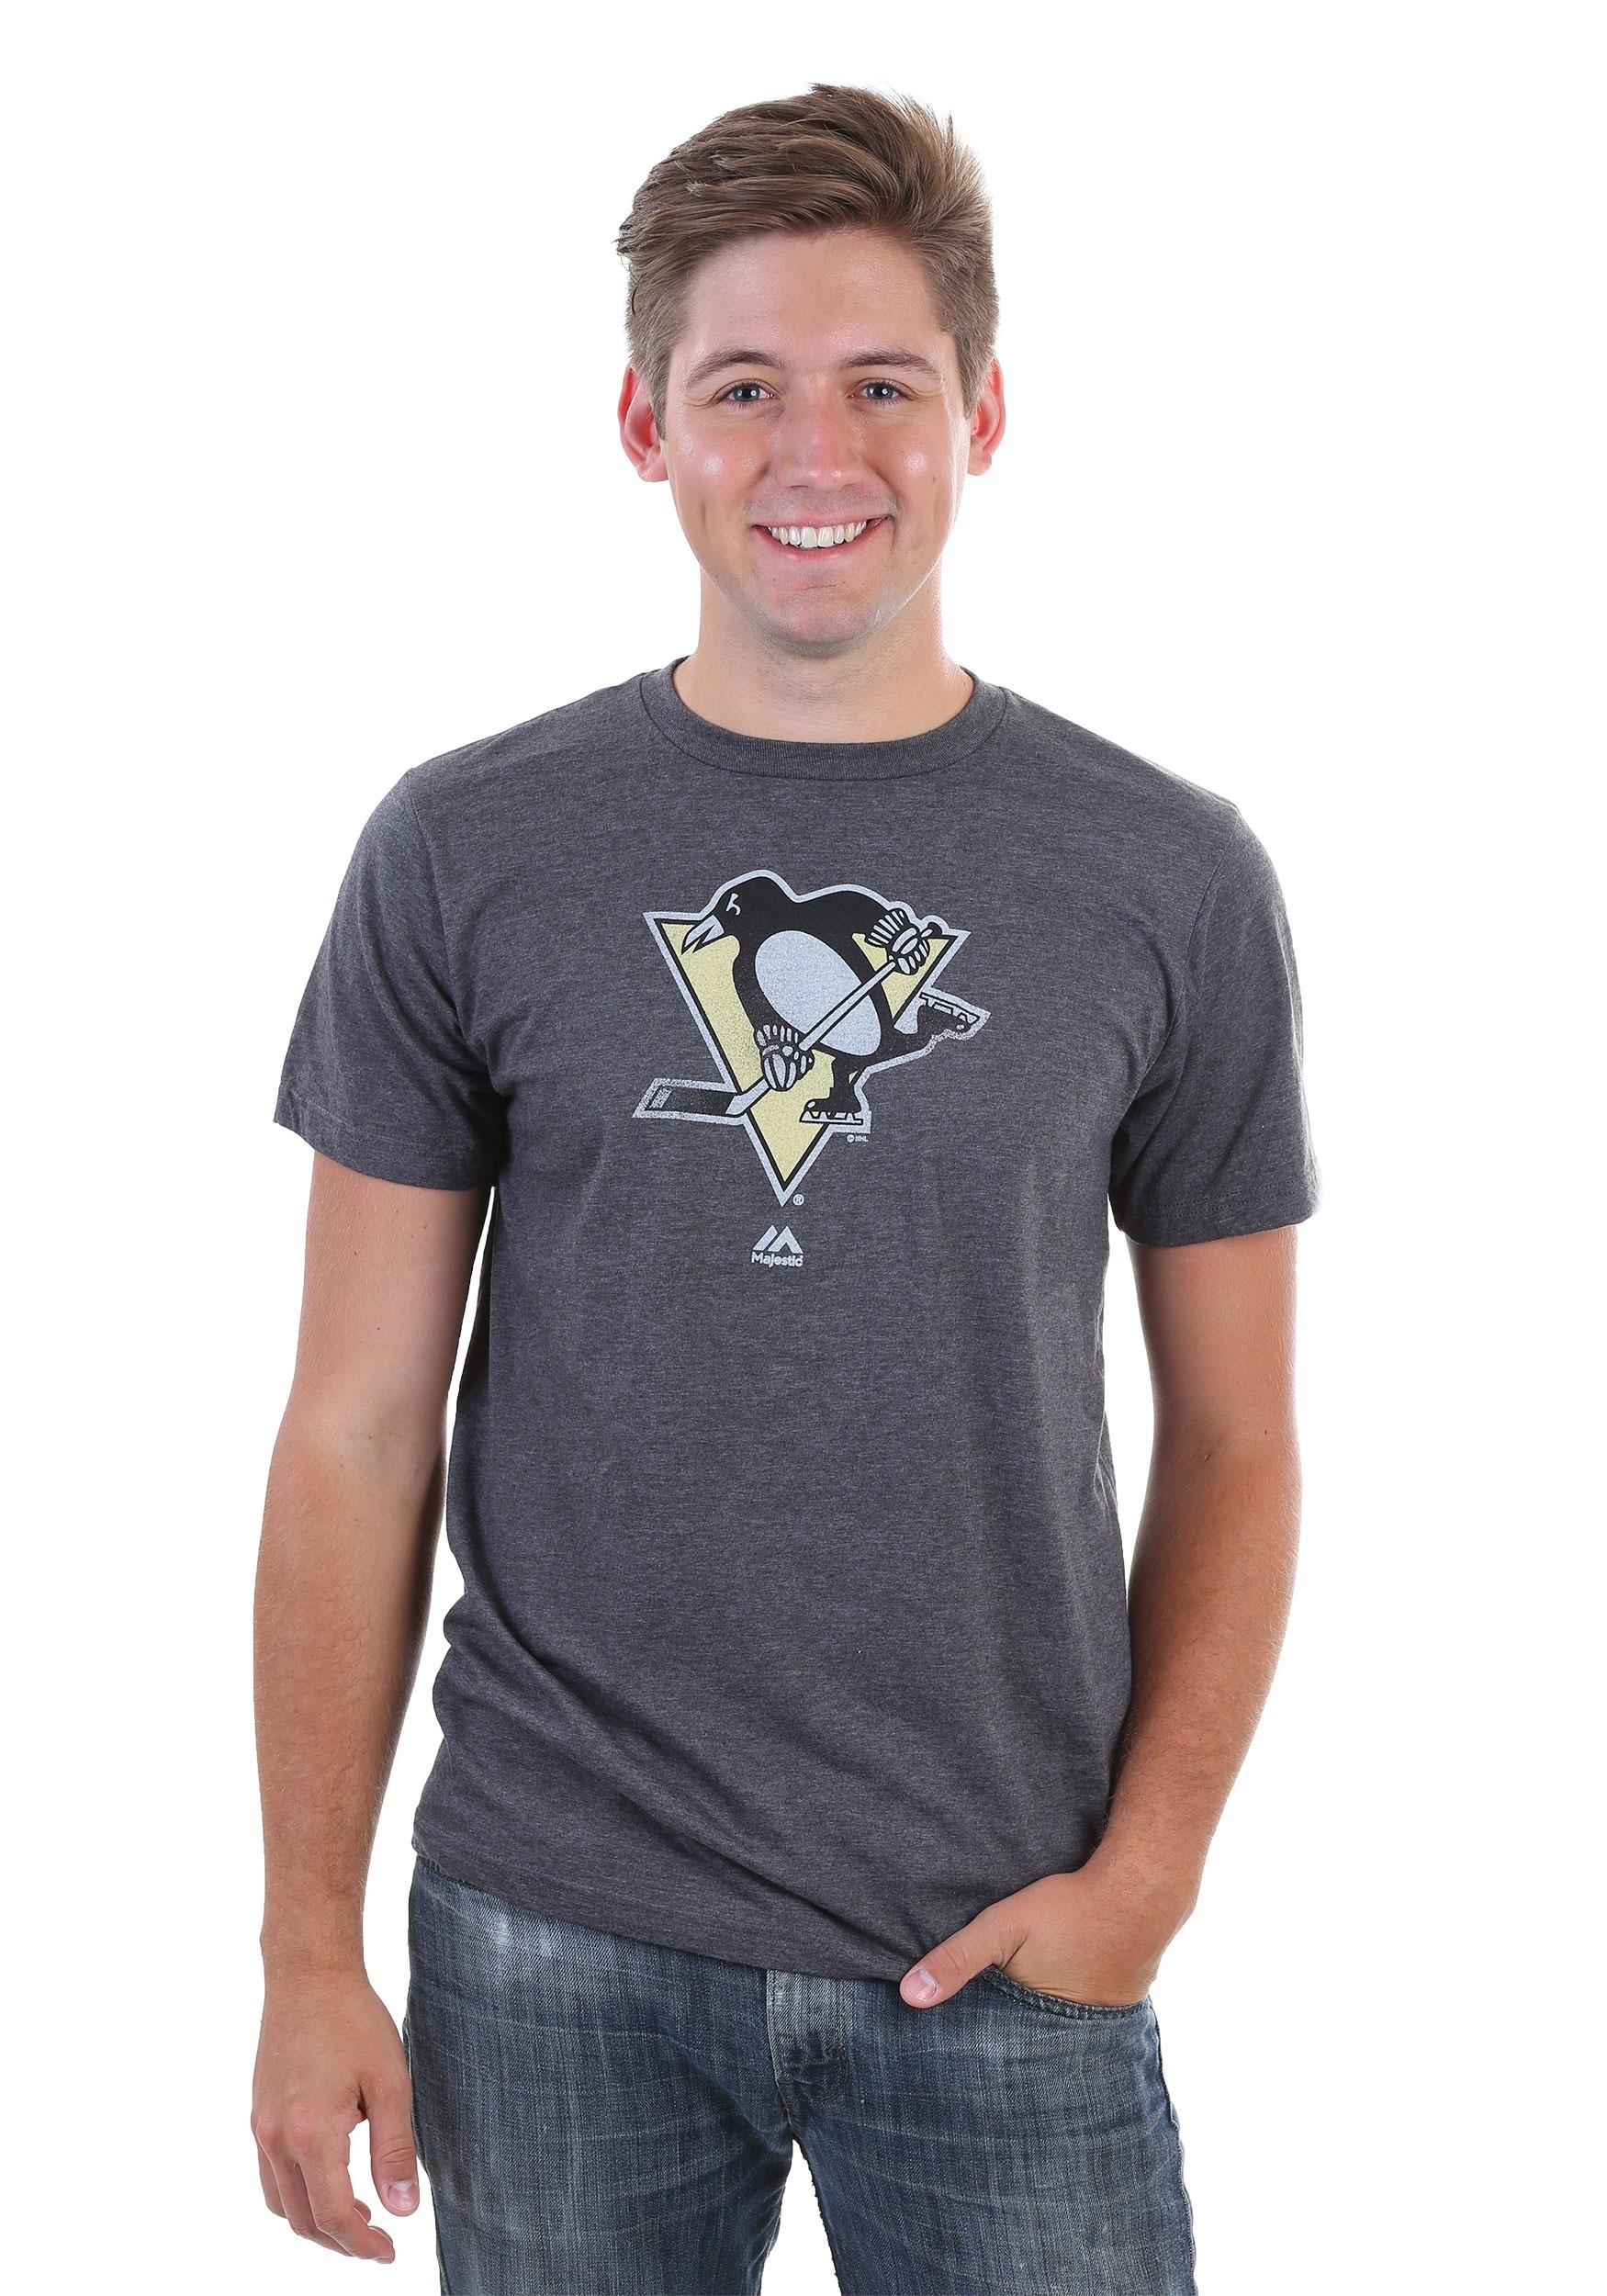 Pittsburgh Penguins Men's Raise The Level Shirt MJMTP2259A2RJJ7